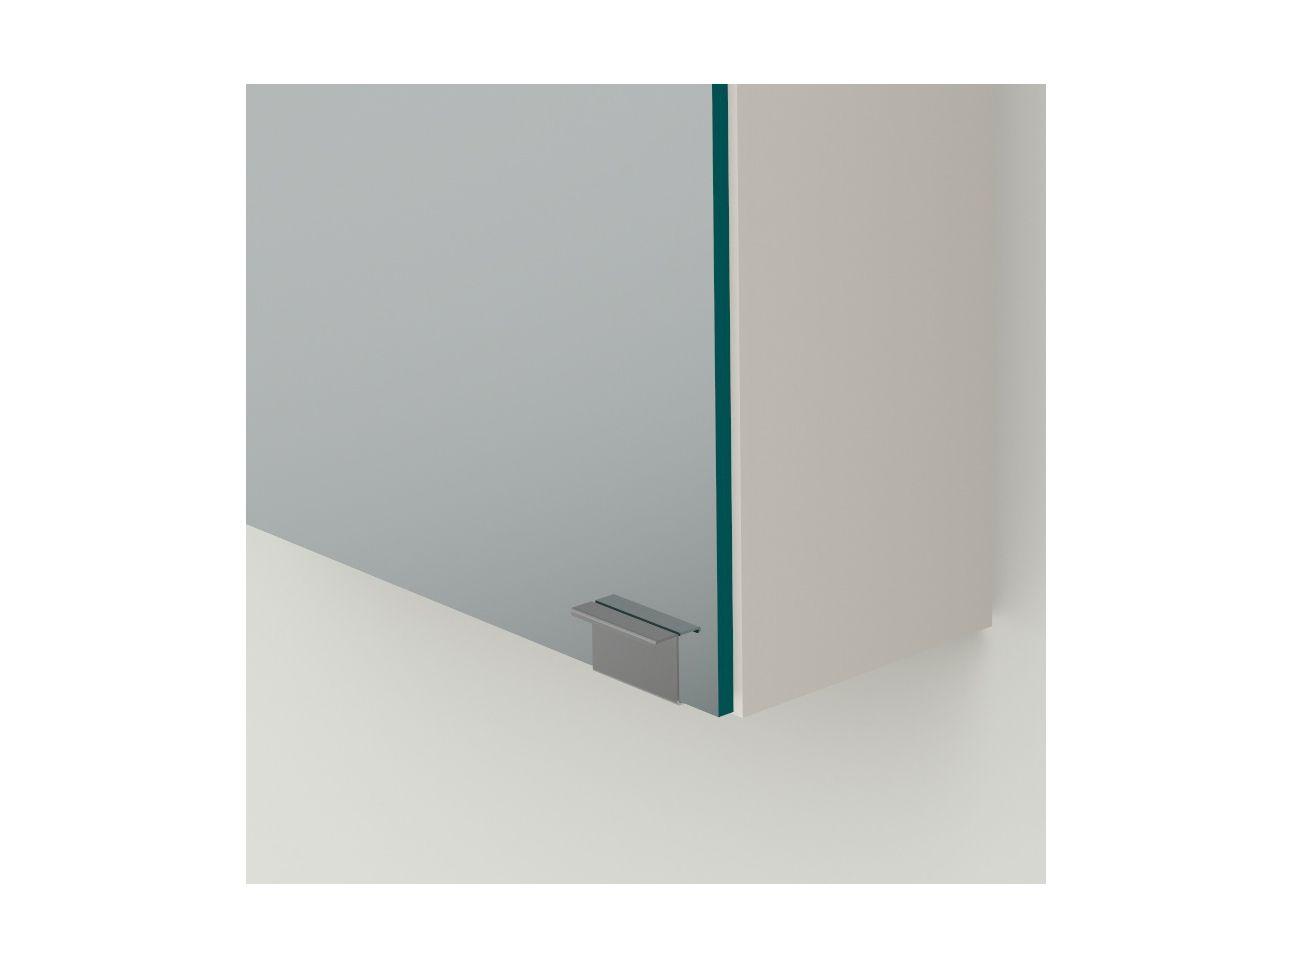 Einbau Spiegelschrank Nach Mass Mit 3 Turen Balos In 2020 Einbau Spiegelschrank Spiegelschrank Badezimmer